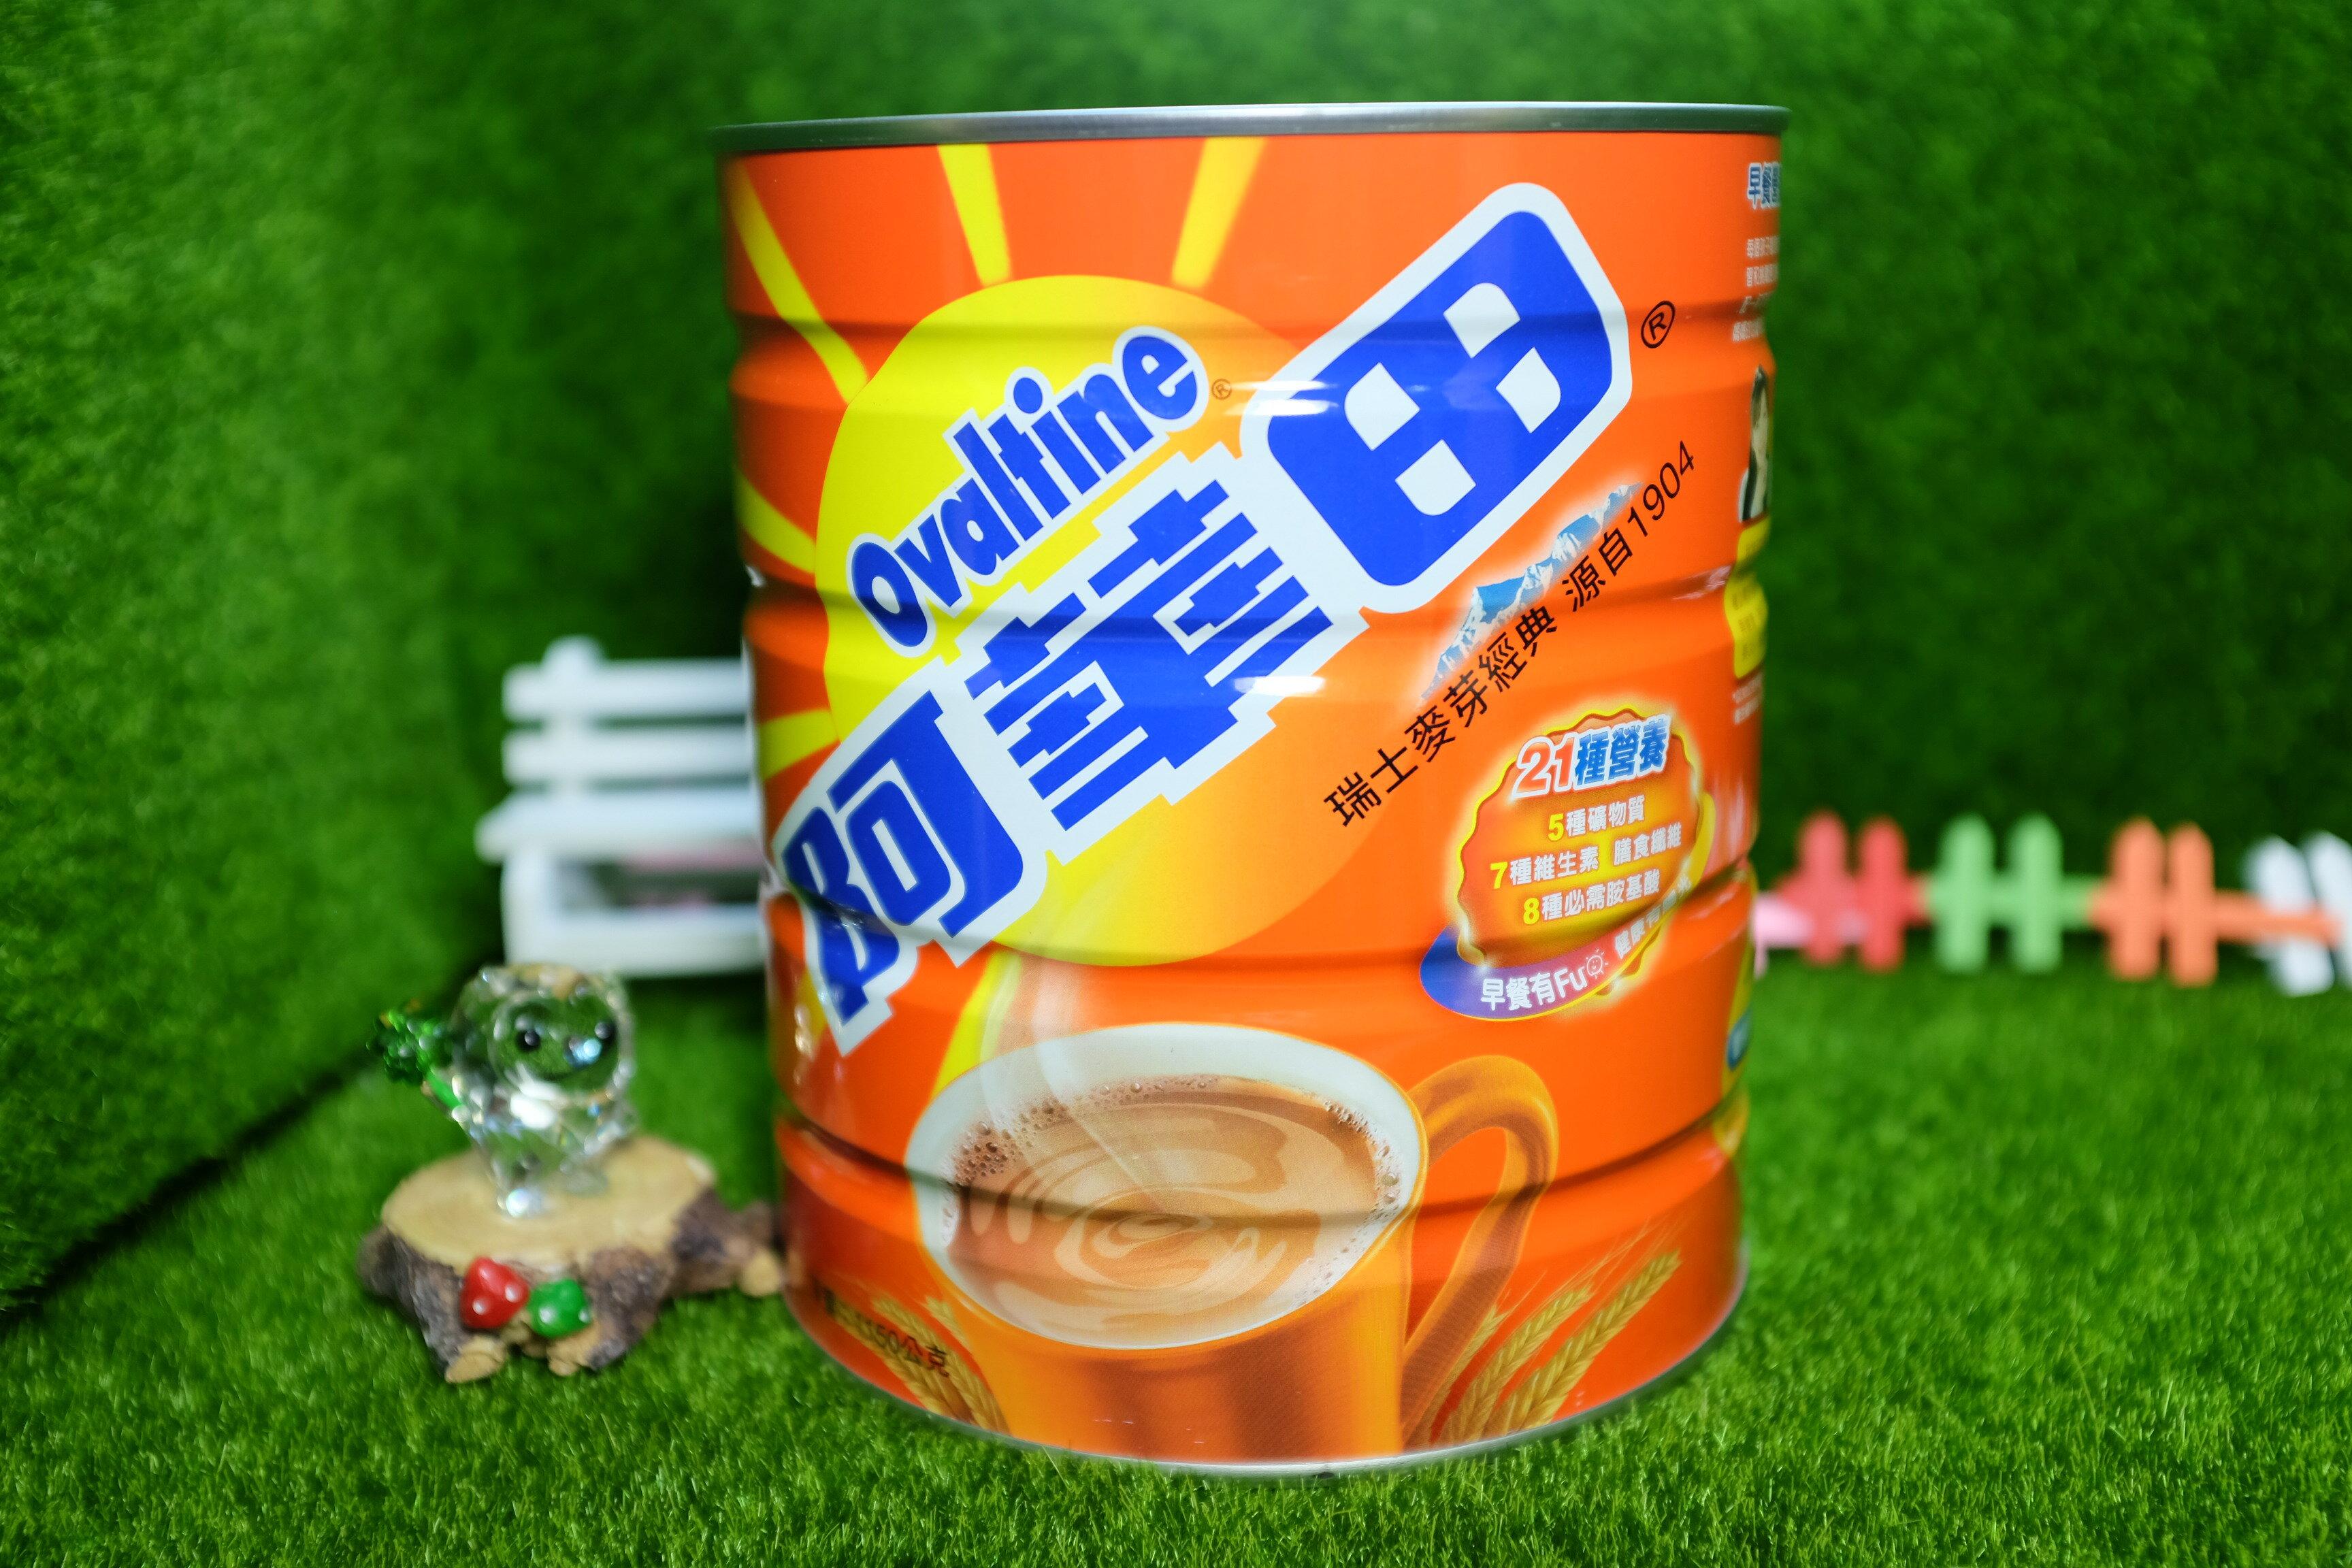 阿華田 1150g/1罐入#巧克力營養麥芽飲品 一箱6罐限宅配 Ovaltine